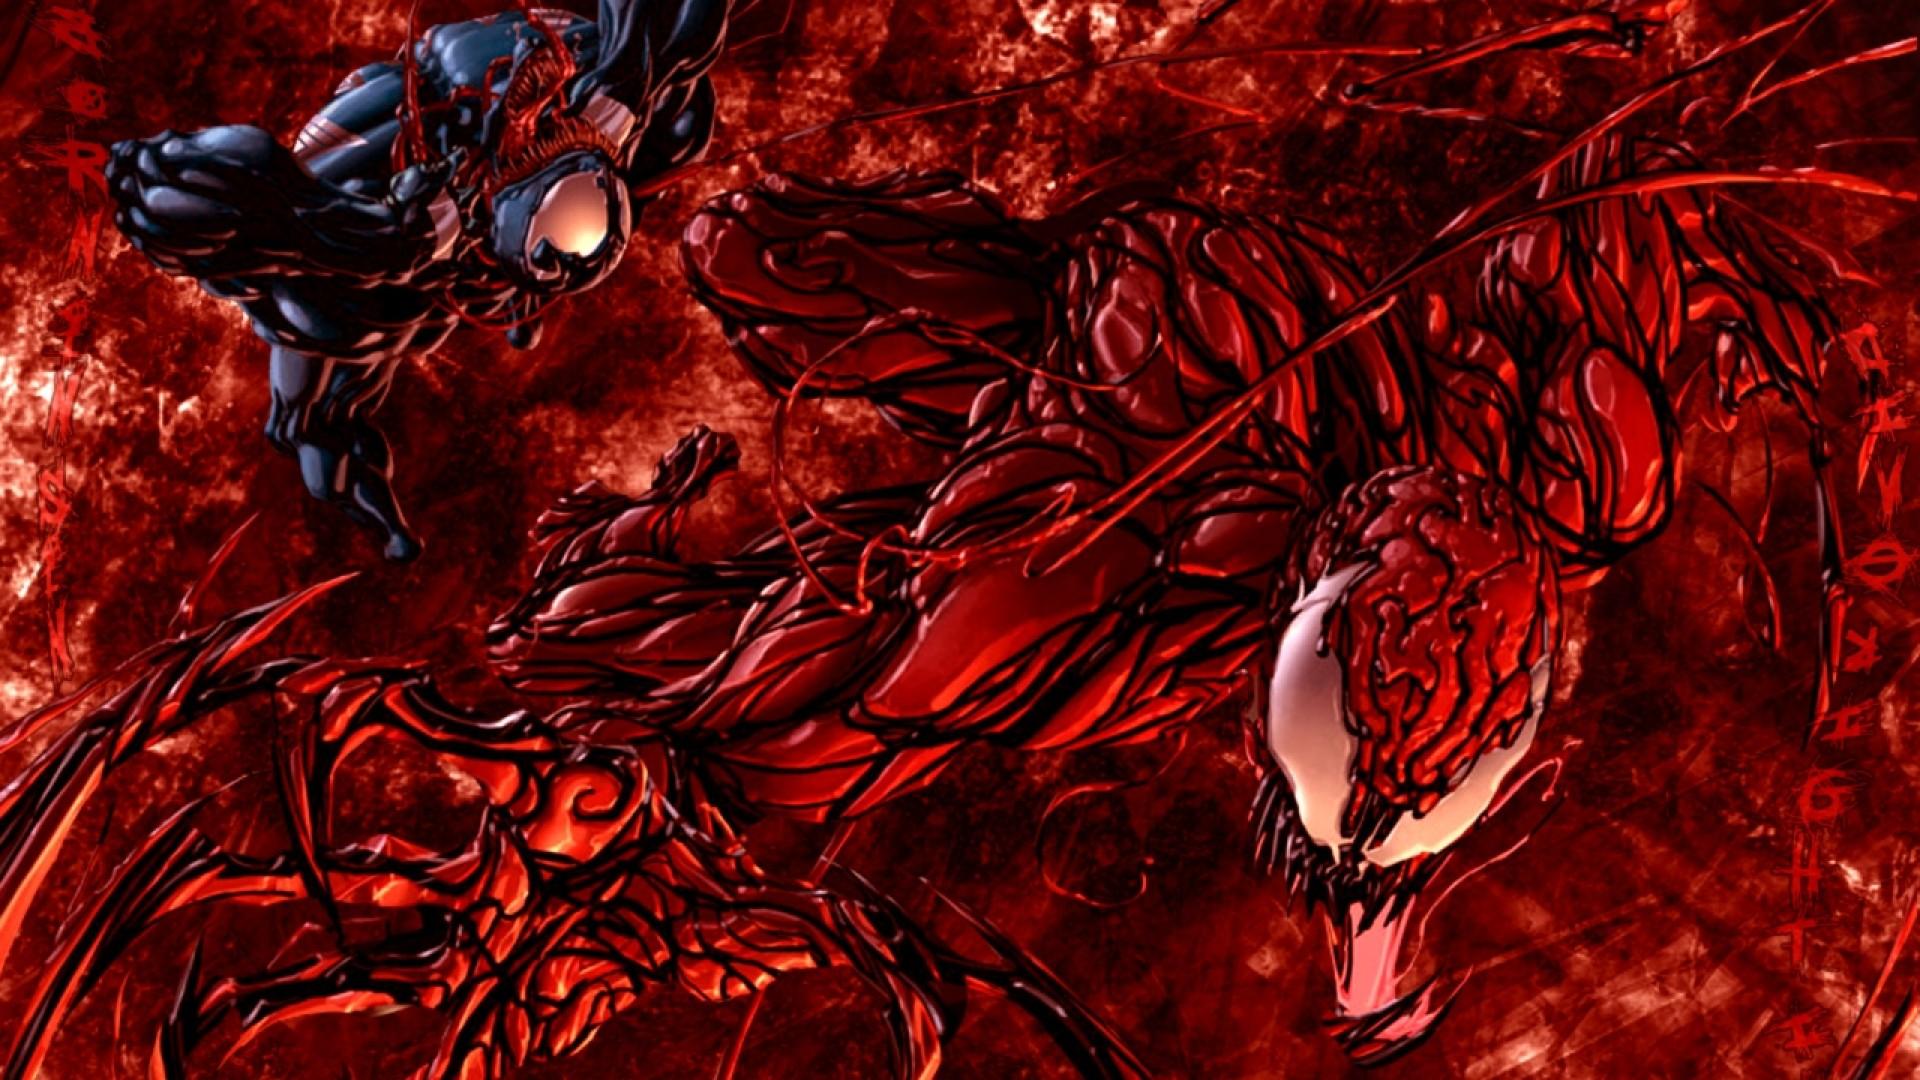 Venom 6 Wallpaper Wallpapers Apps Marvelcom